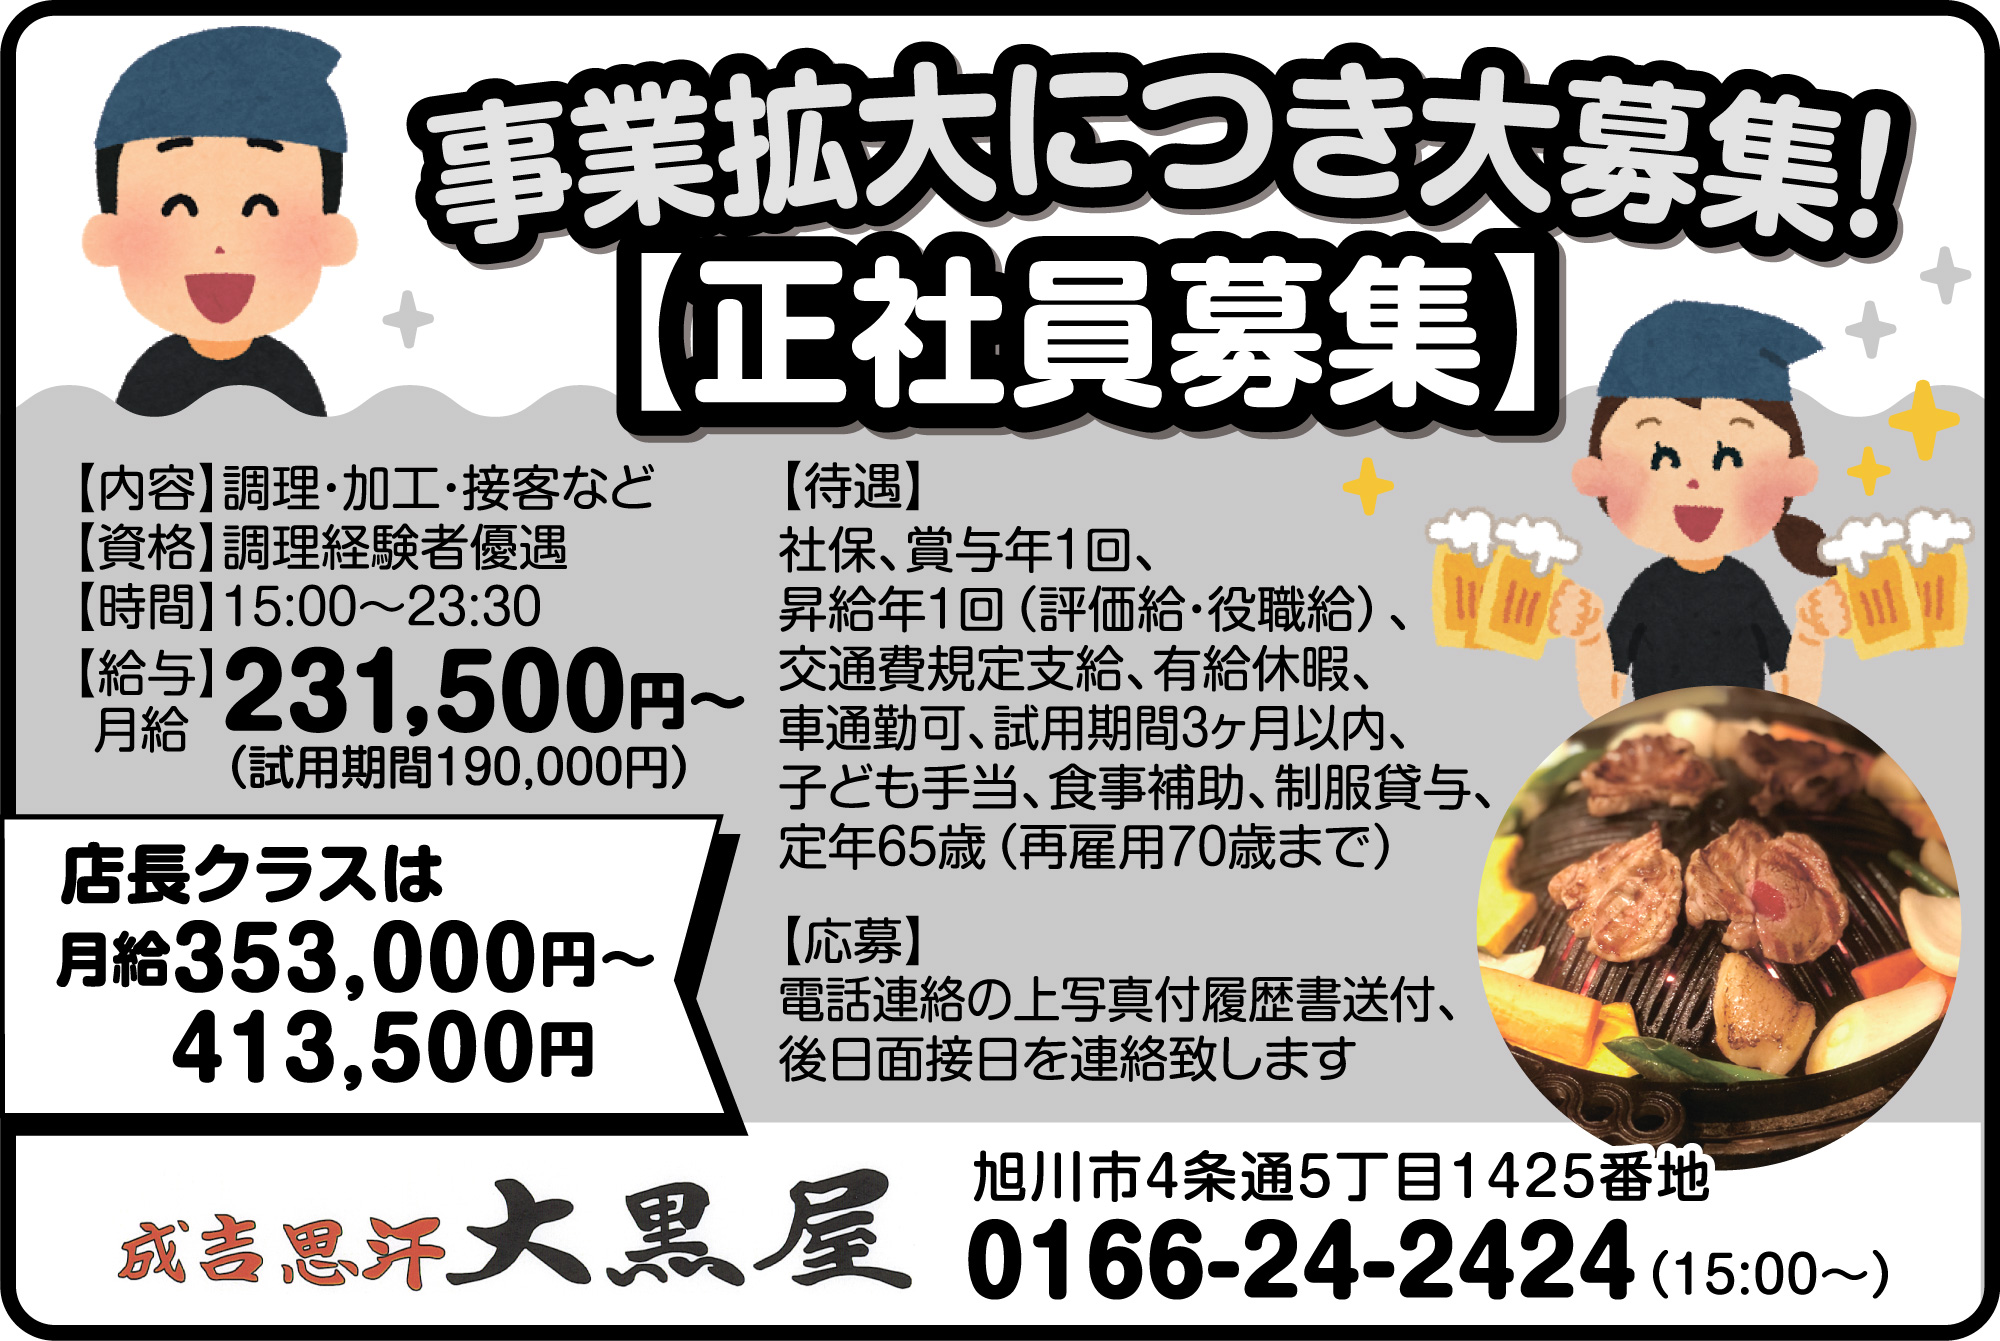 00150654_大黒屋様0402 (1) (1).jpg